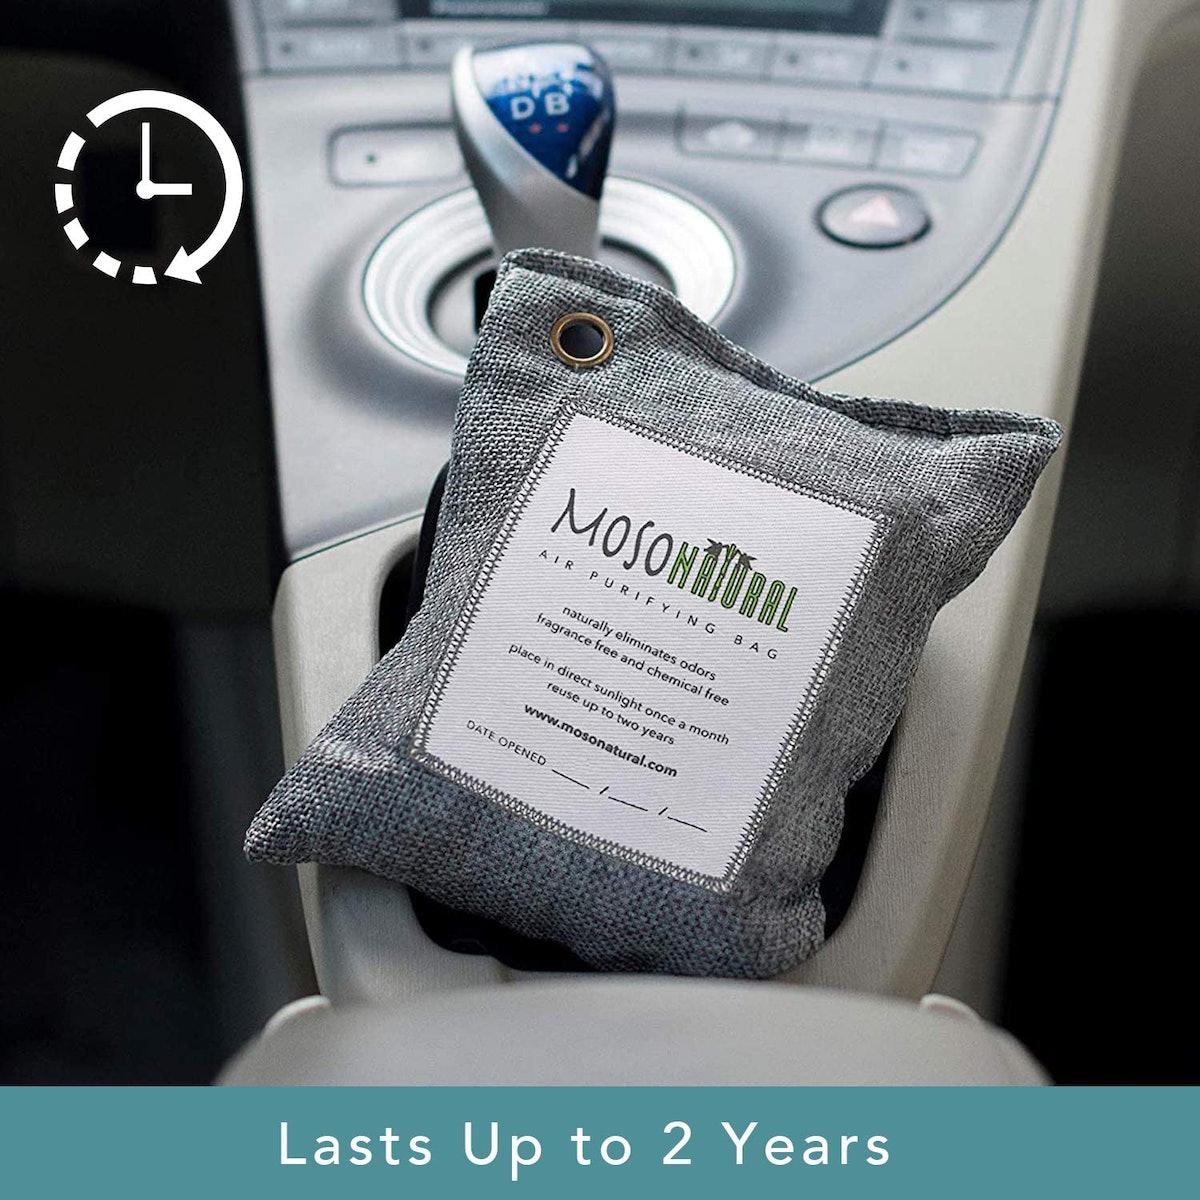 MOSO NATURAL Air Purifying Bag (3-Pack)